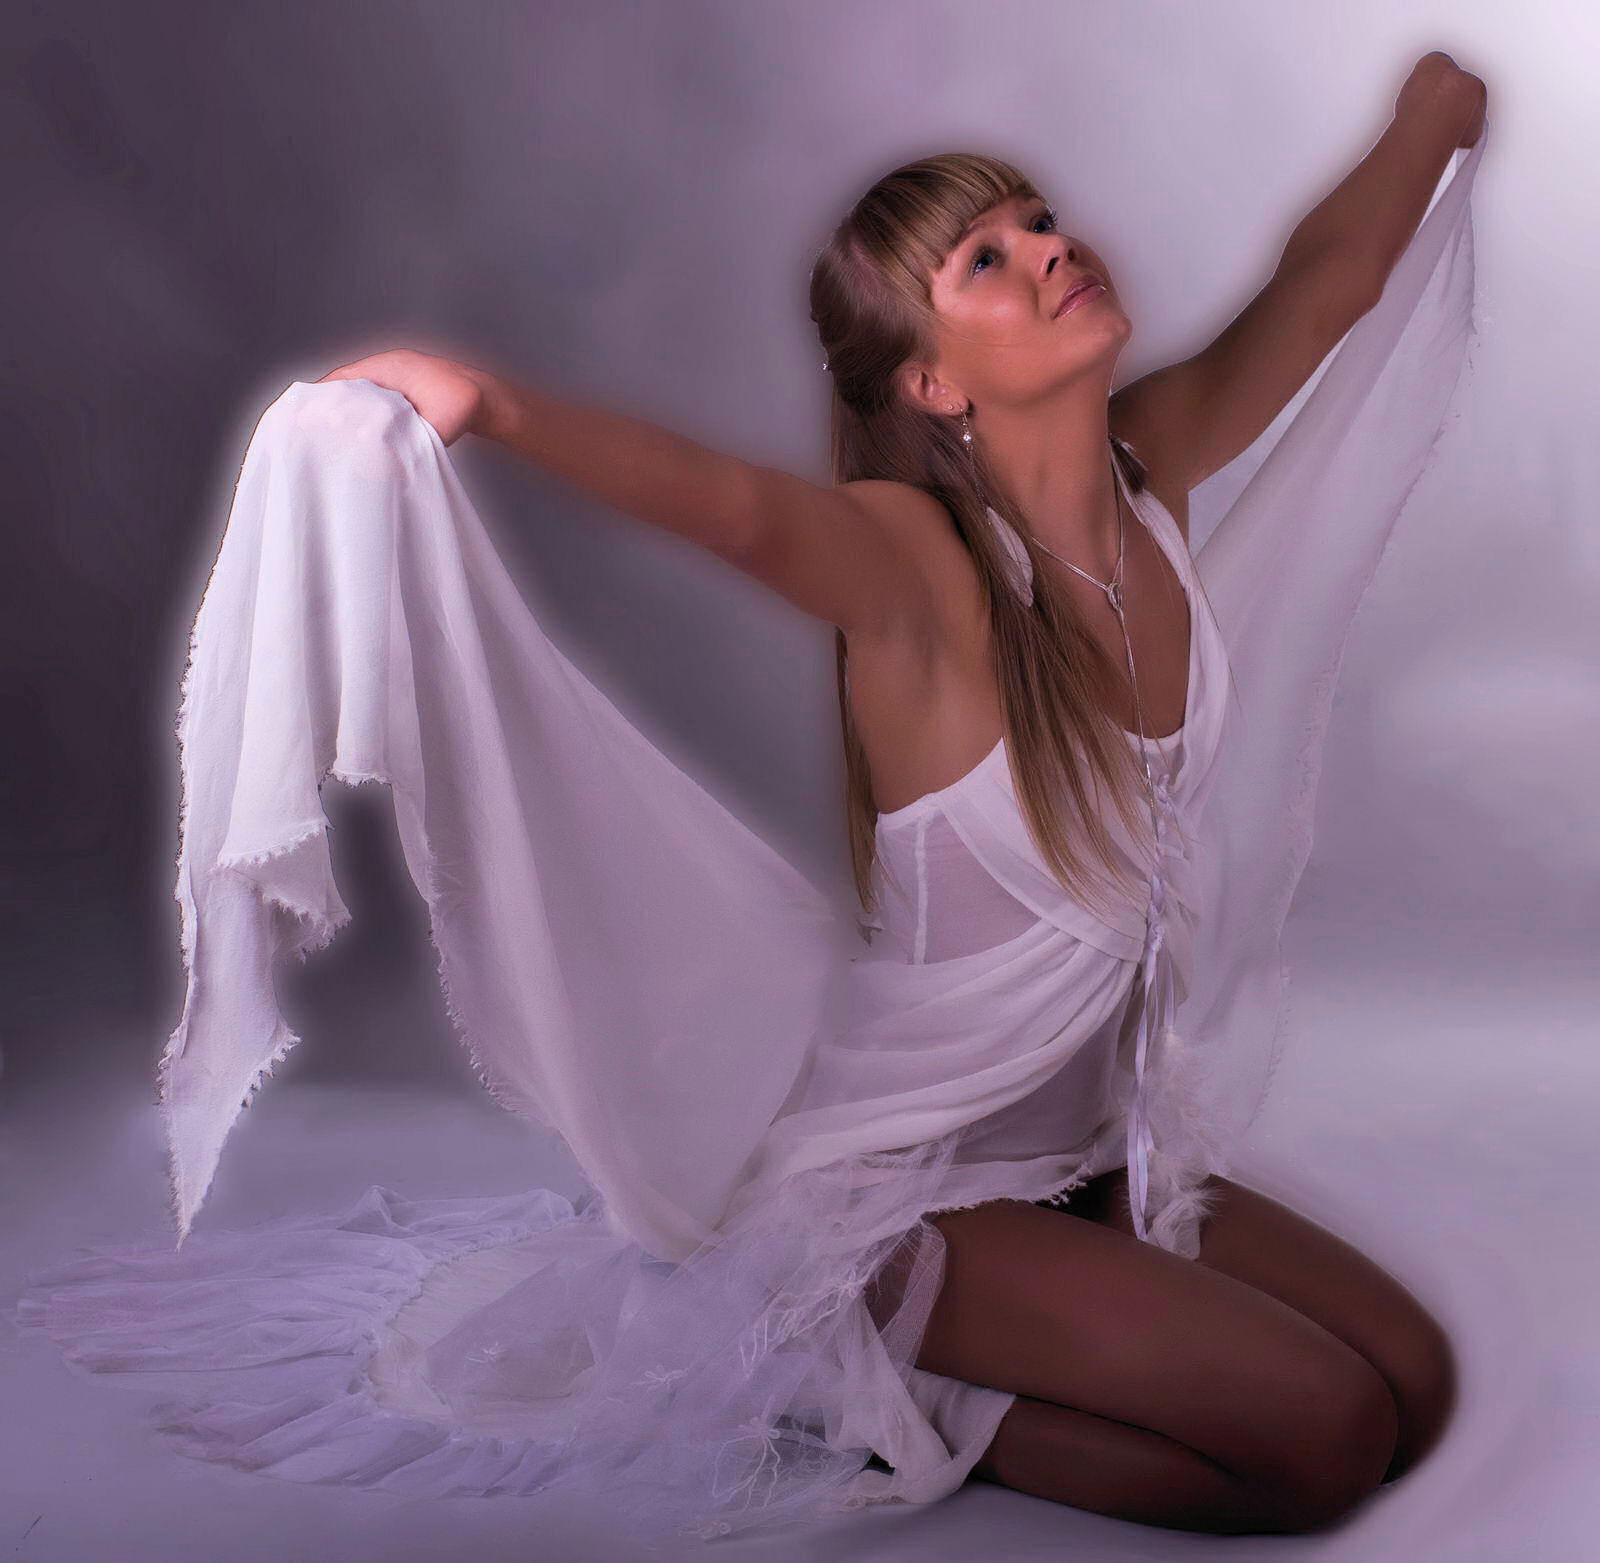 Эротическое фото аллы михеевой 8 фотография